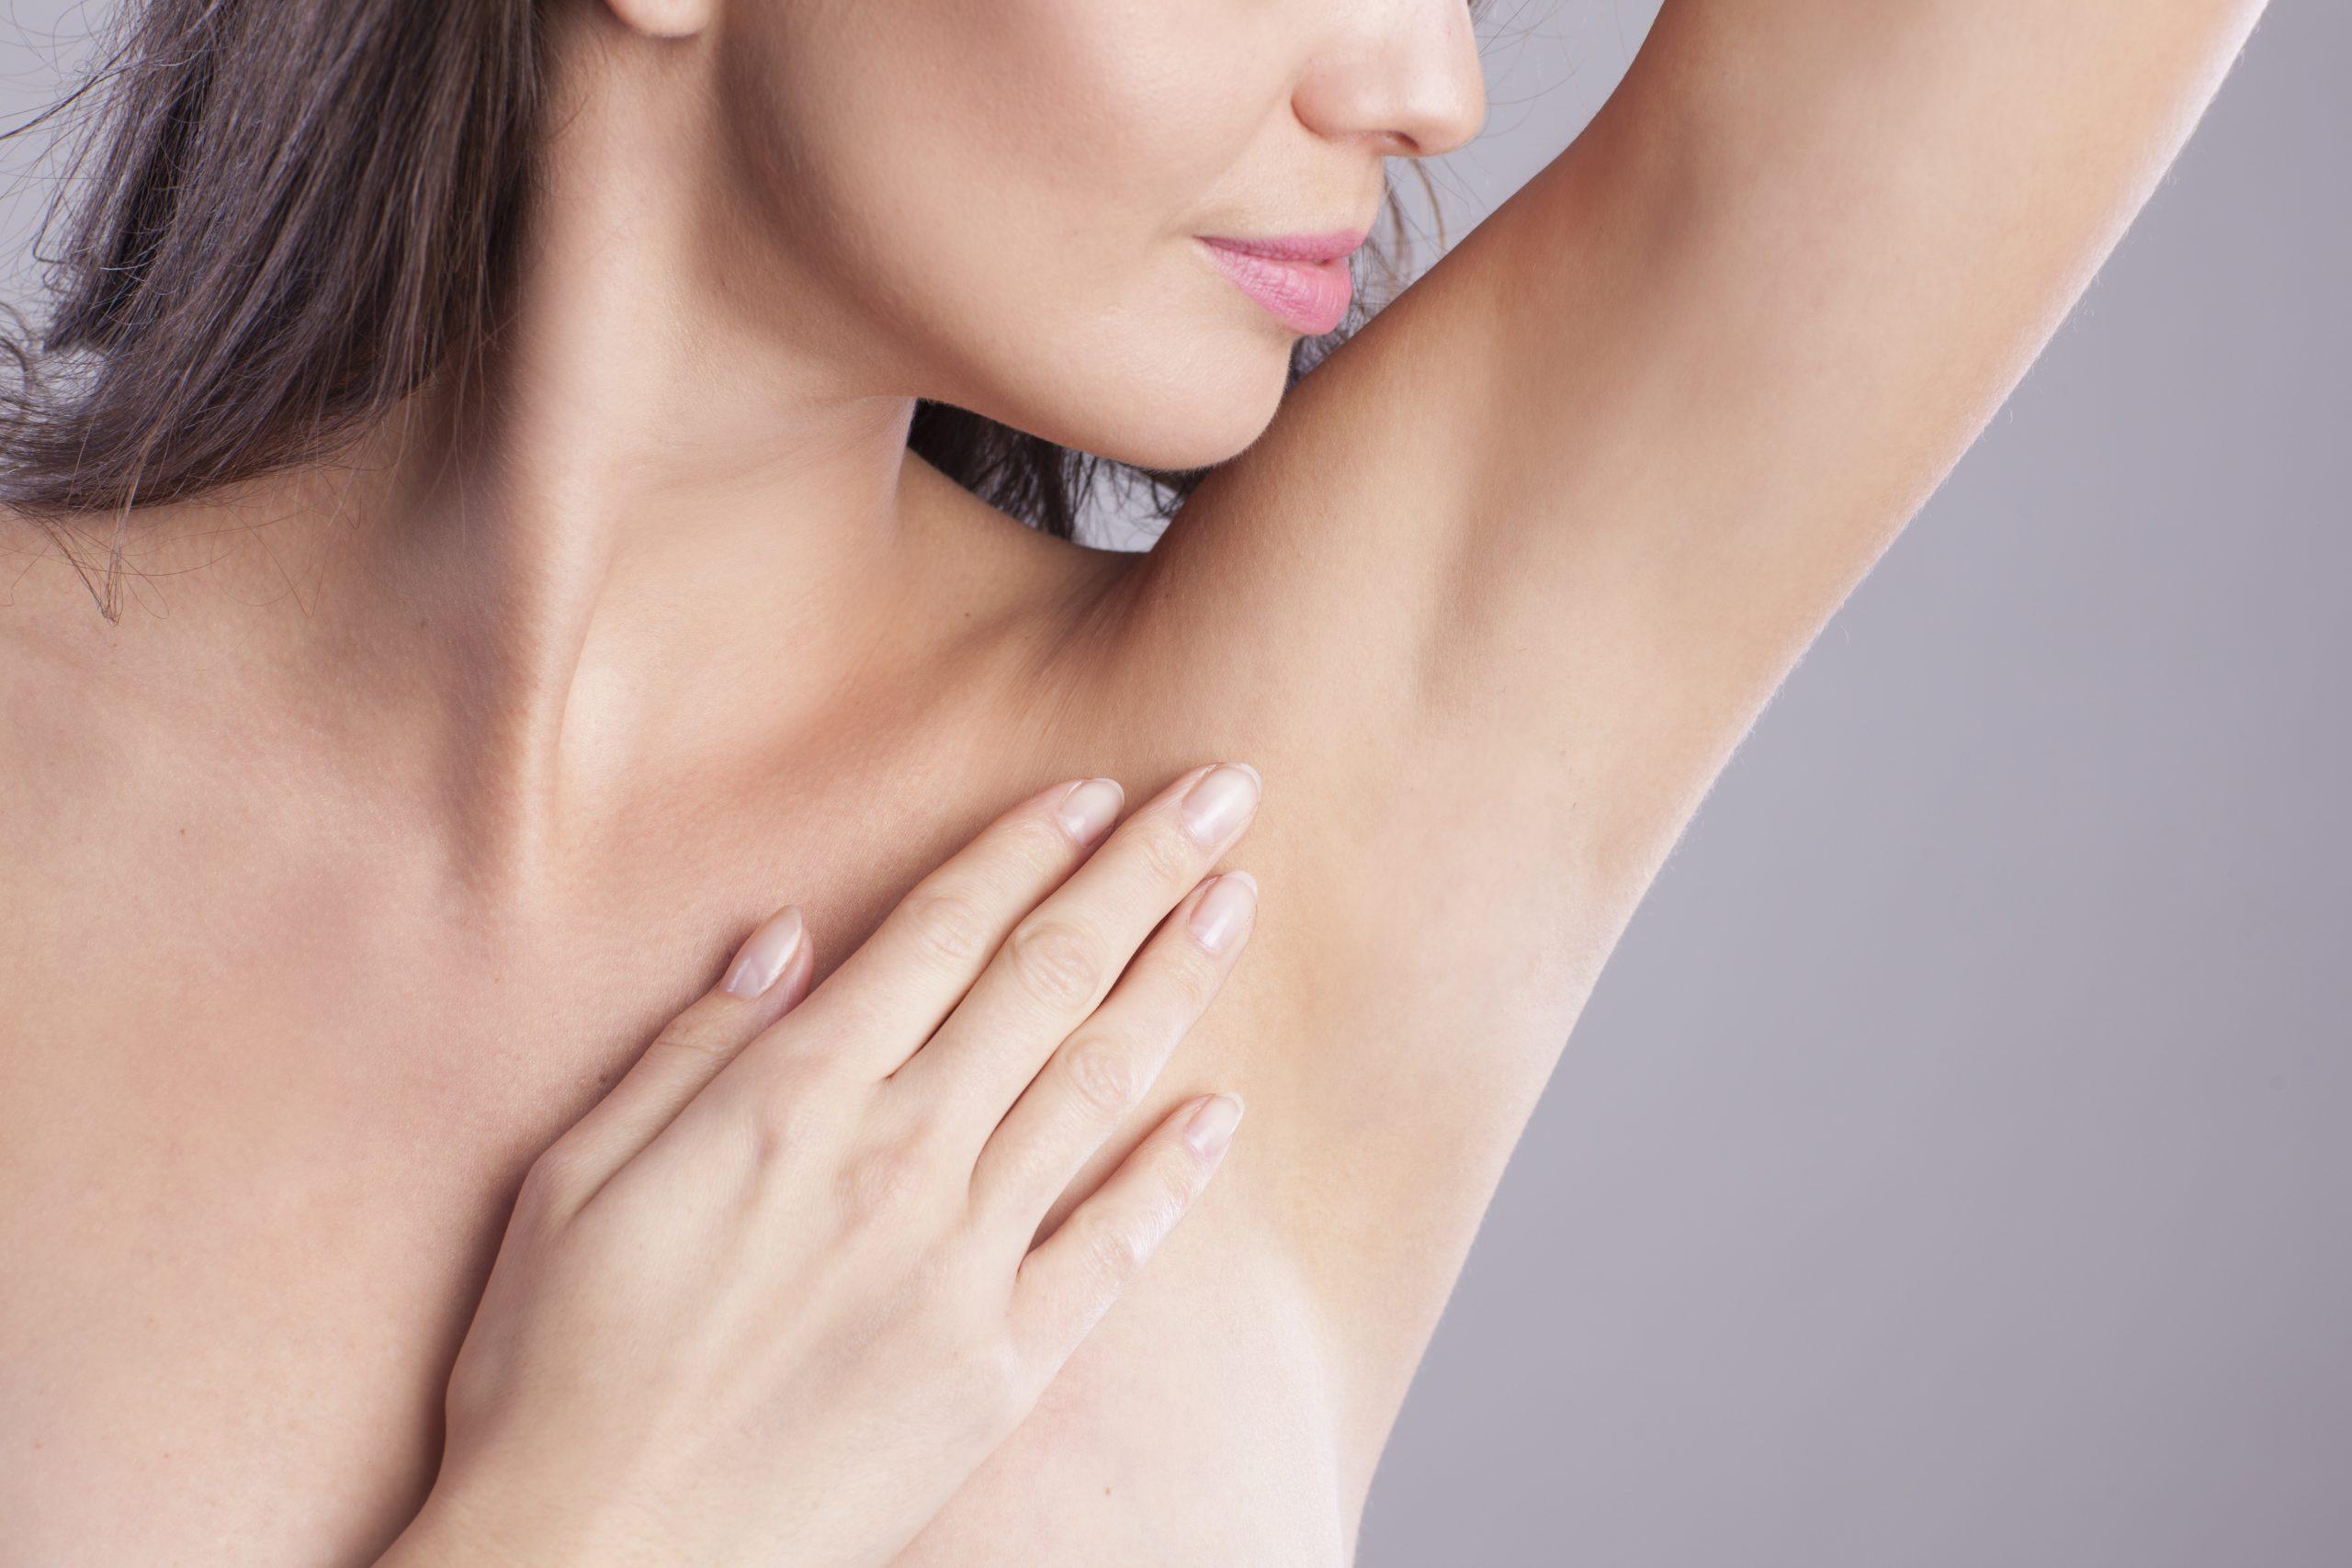 Botox transpiration